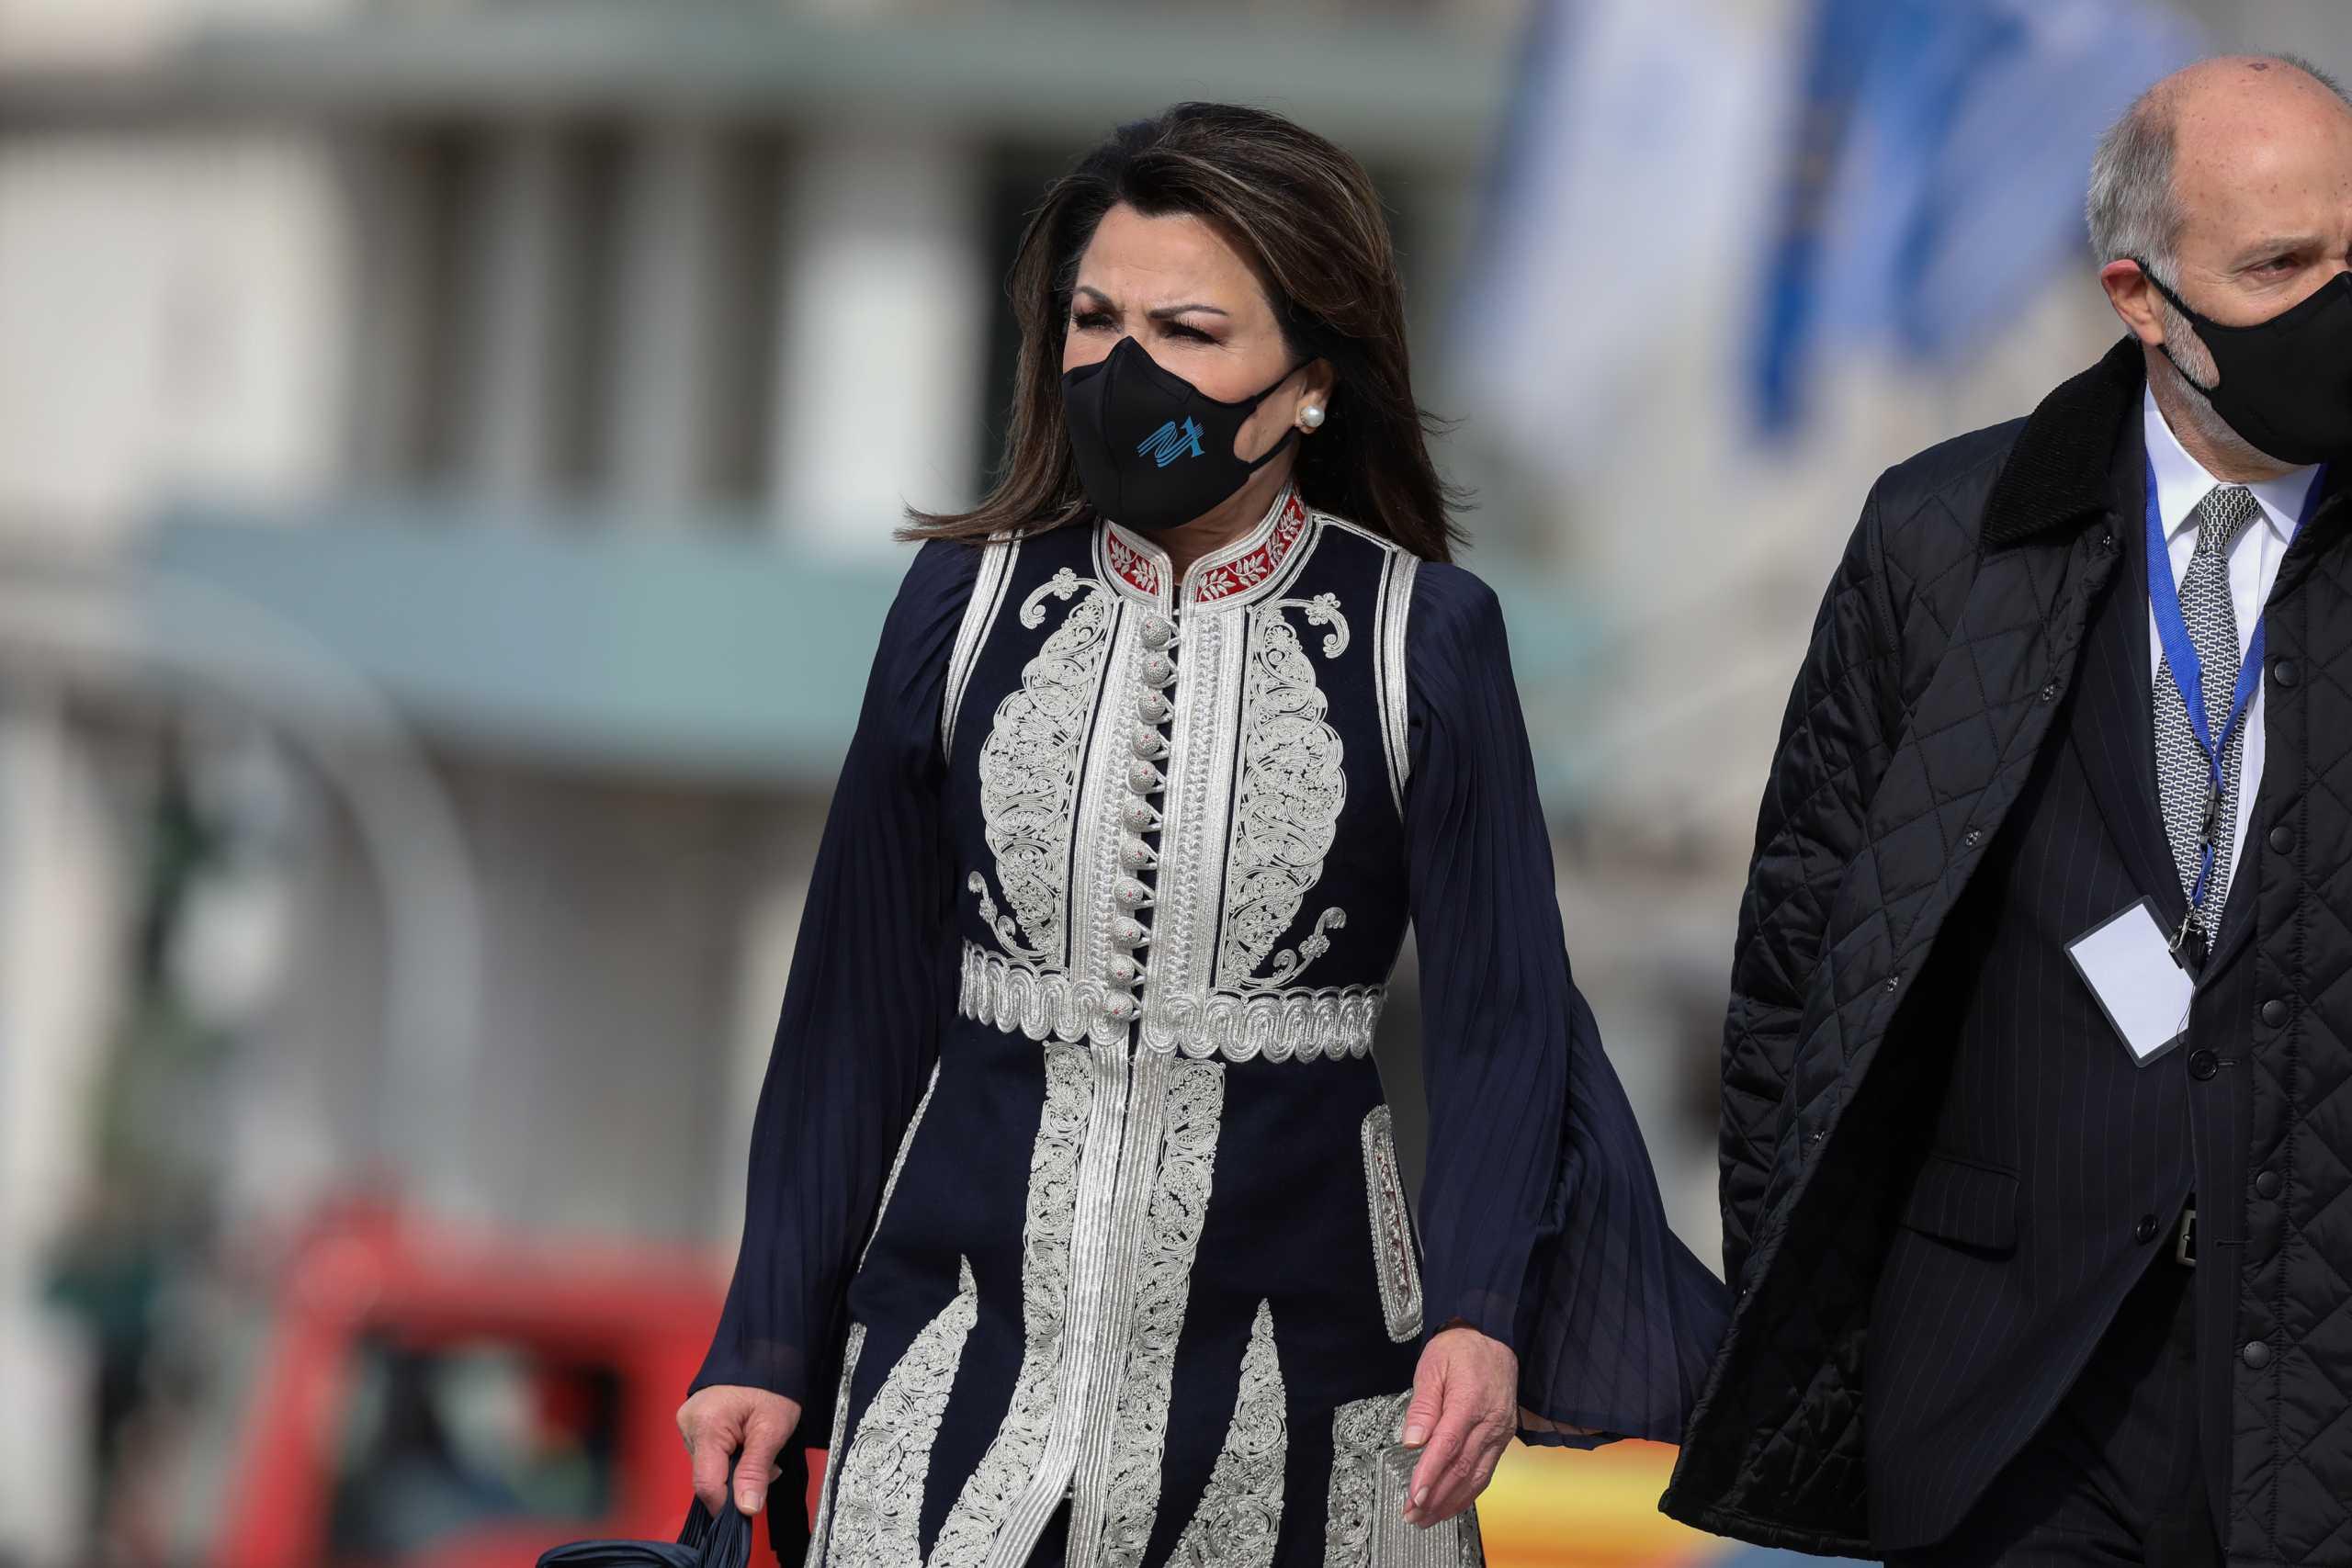 Η Γιάννα Αγγελοπούλου δημοσίευσε οικογενειακές φωτογραφίες από την 25η Μαρτίου